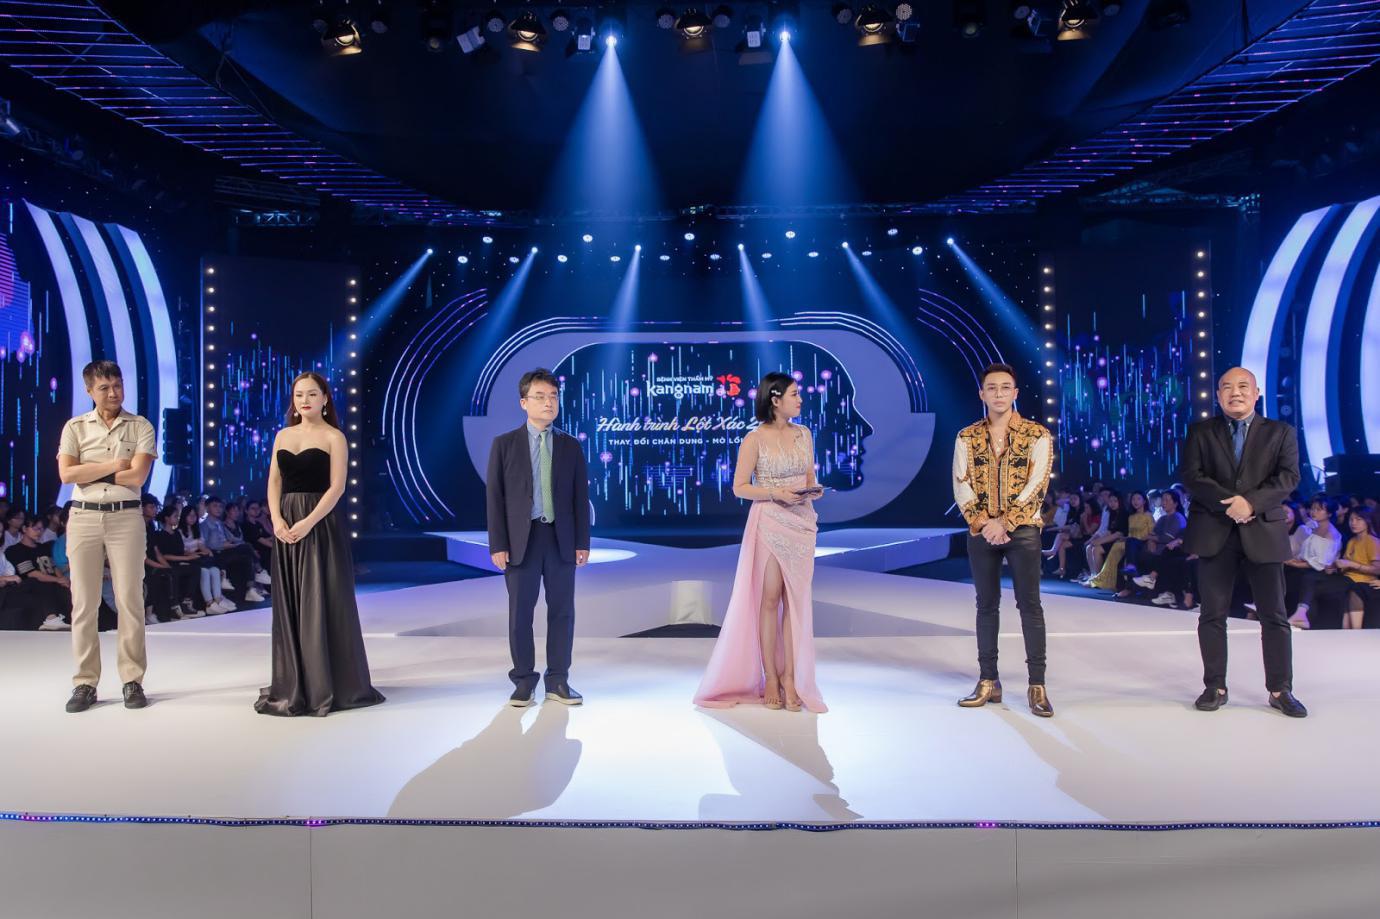 Hoàng Ku: Stylist không chỉ cho người nổi tiếng, tôi muốn làm stylist cho người bình thường có ước mơ - Ảnh 4.